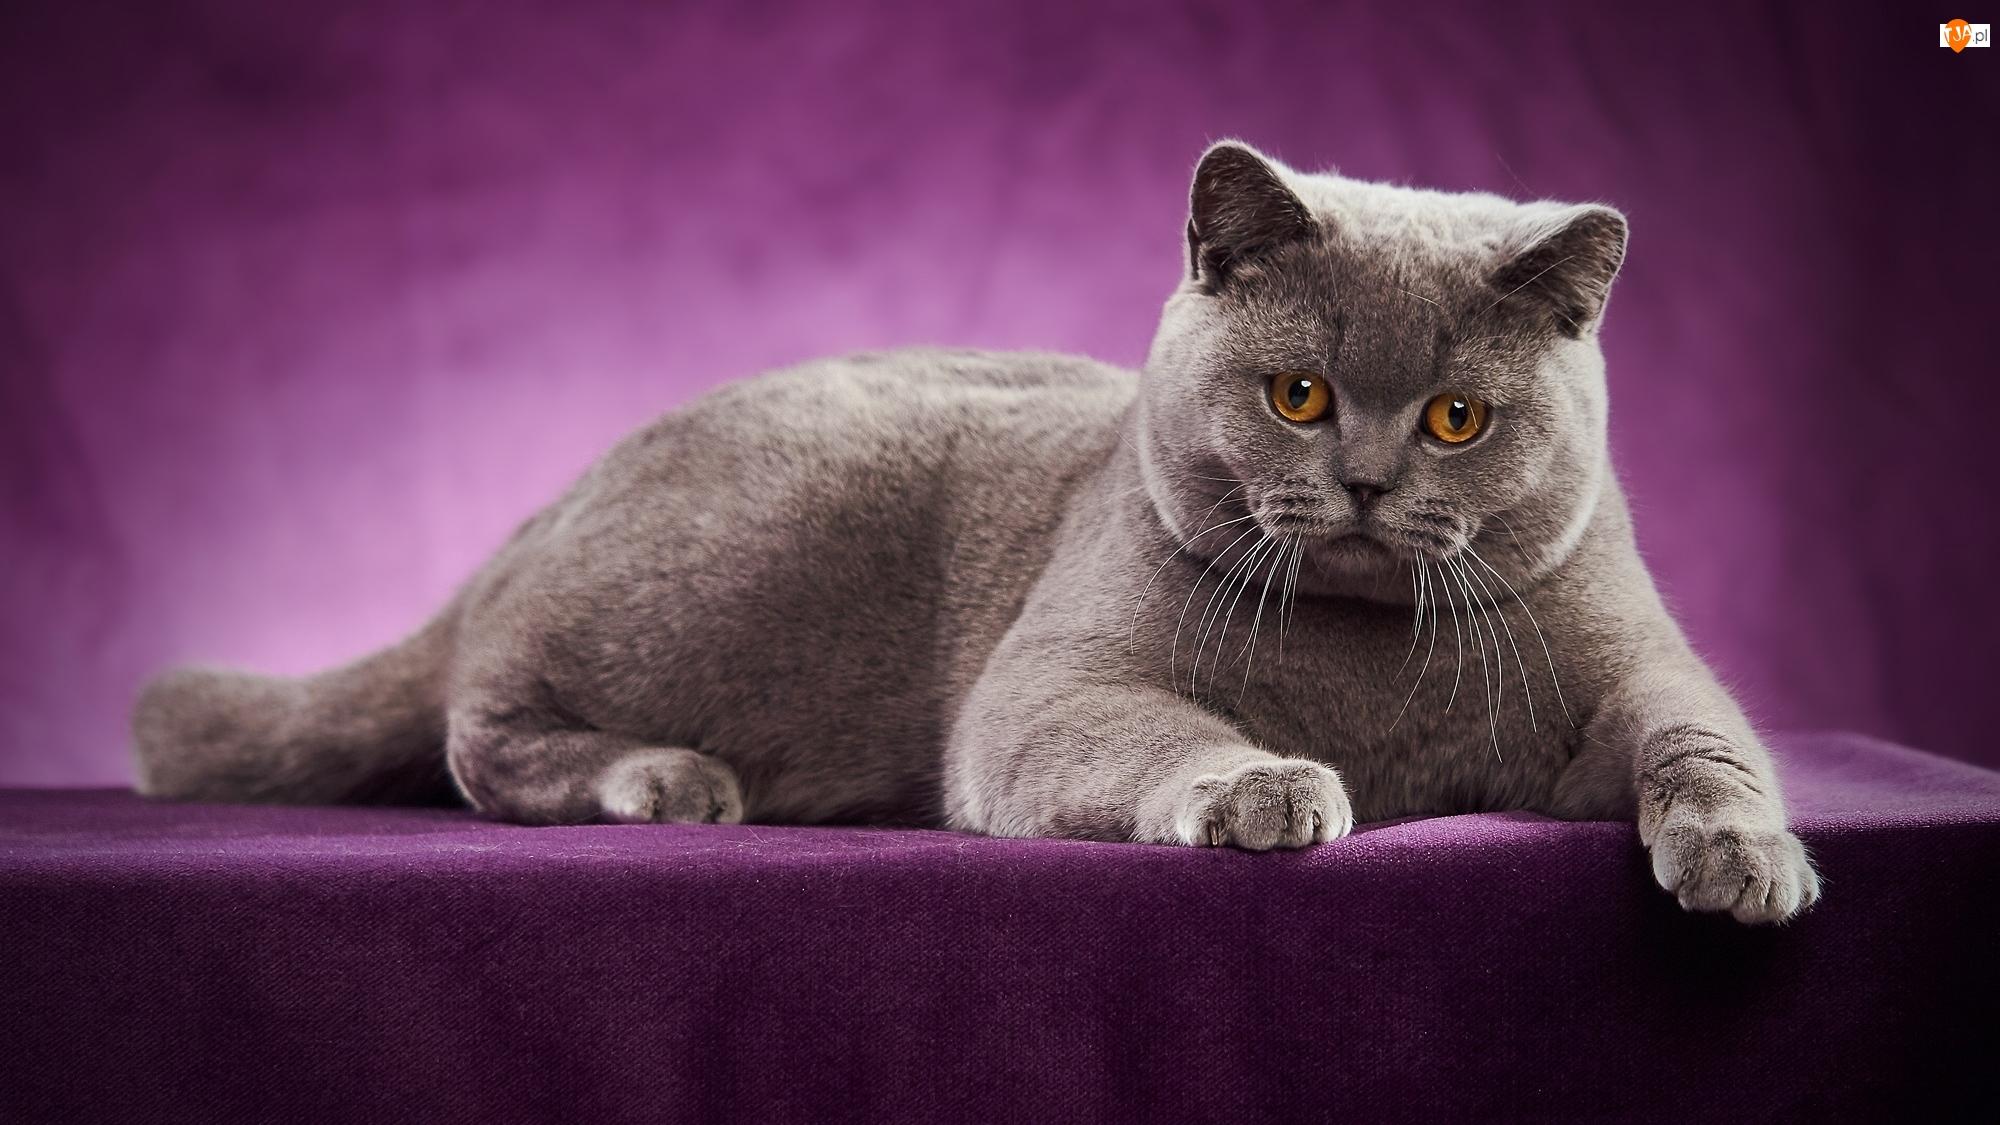 Fioletowe tło, Leżący, Kot brytyjski krótkowłosy